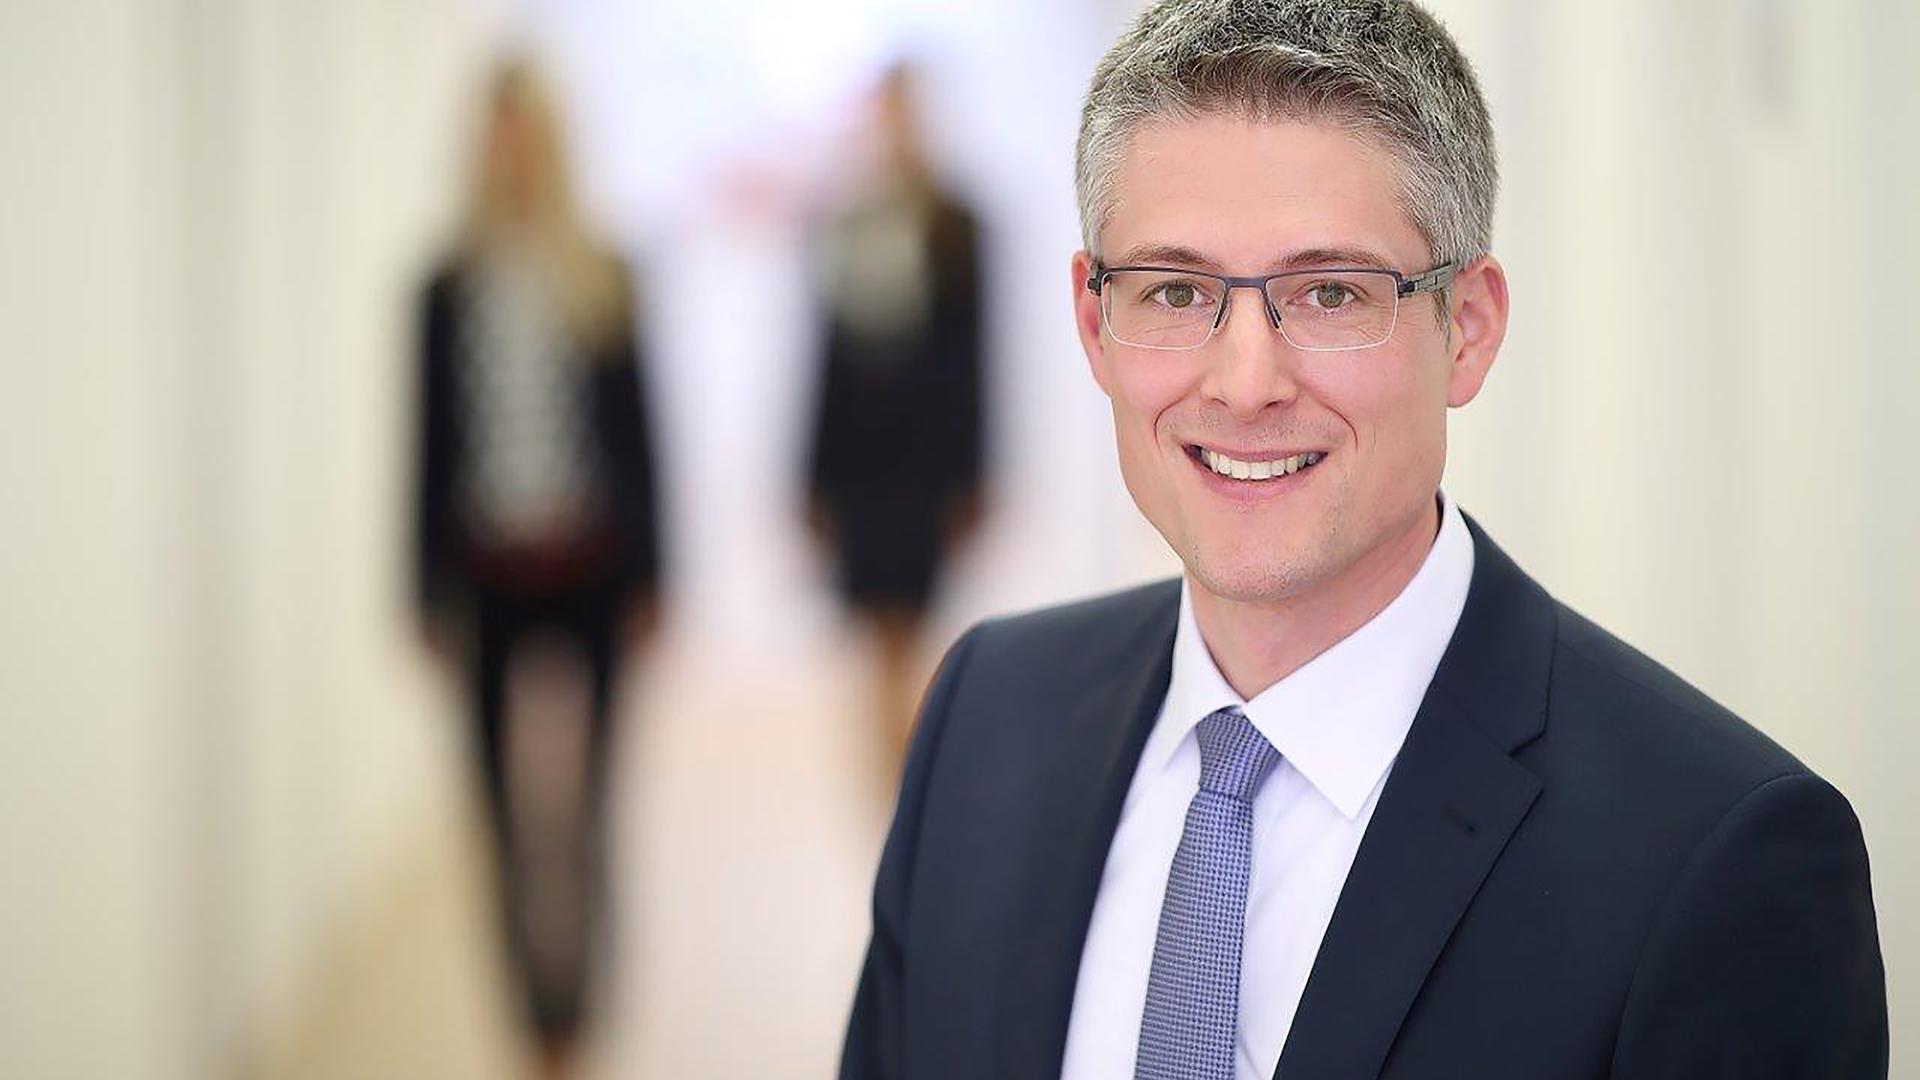 Steffen Jäger wird zum neuen Präsidenten des Gemeindetags Baden-Württemberg gewählt. (zu dpa: «Steffen Jäger wird neuer Präsident des Gemeindetags Baden-Württemberg») +++ dpa-Bildfunk +++